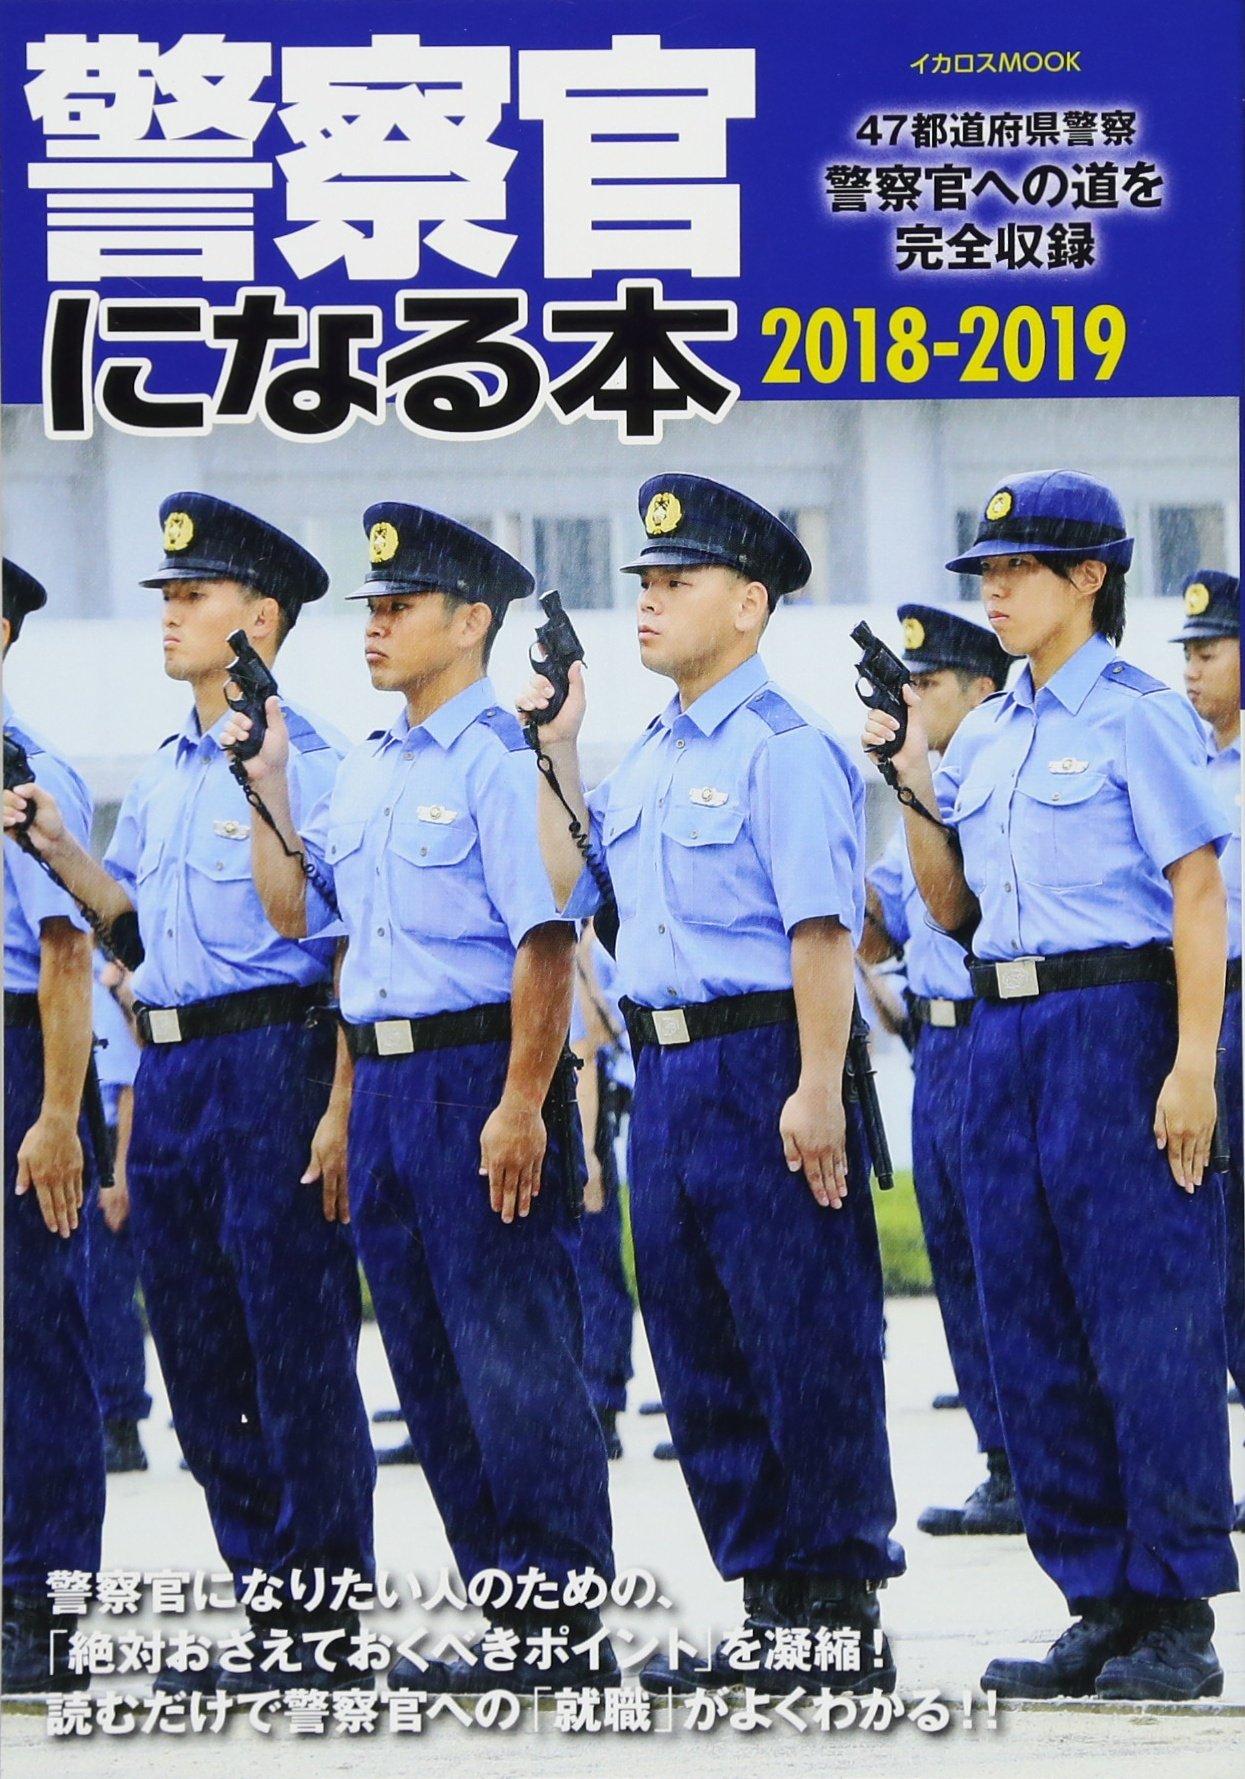 警察官になる本2018-2019 (イカ...